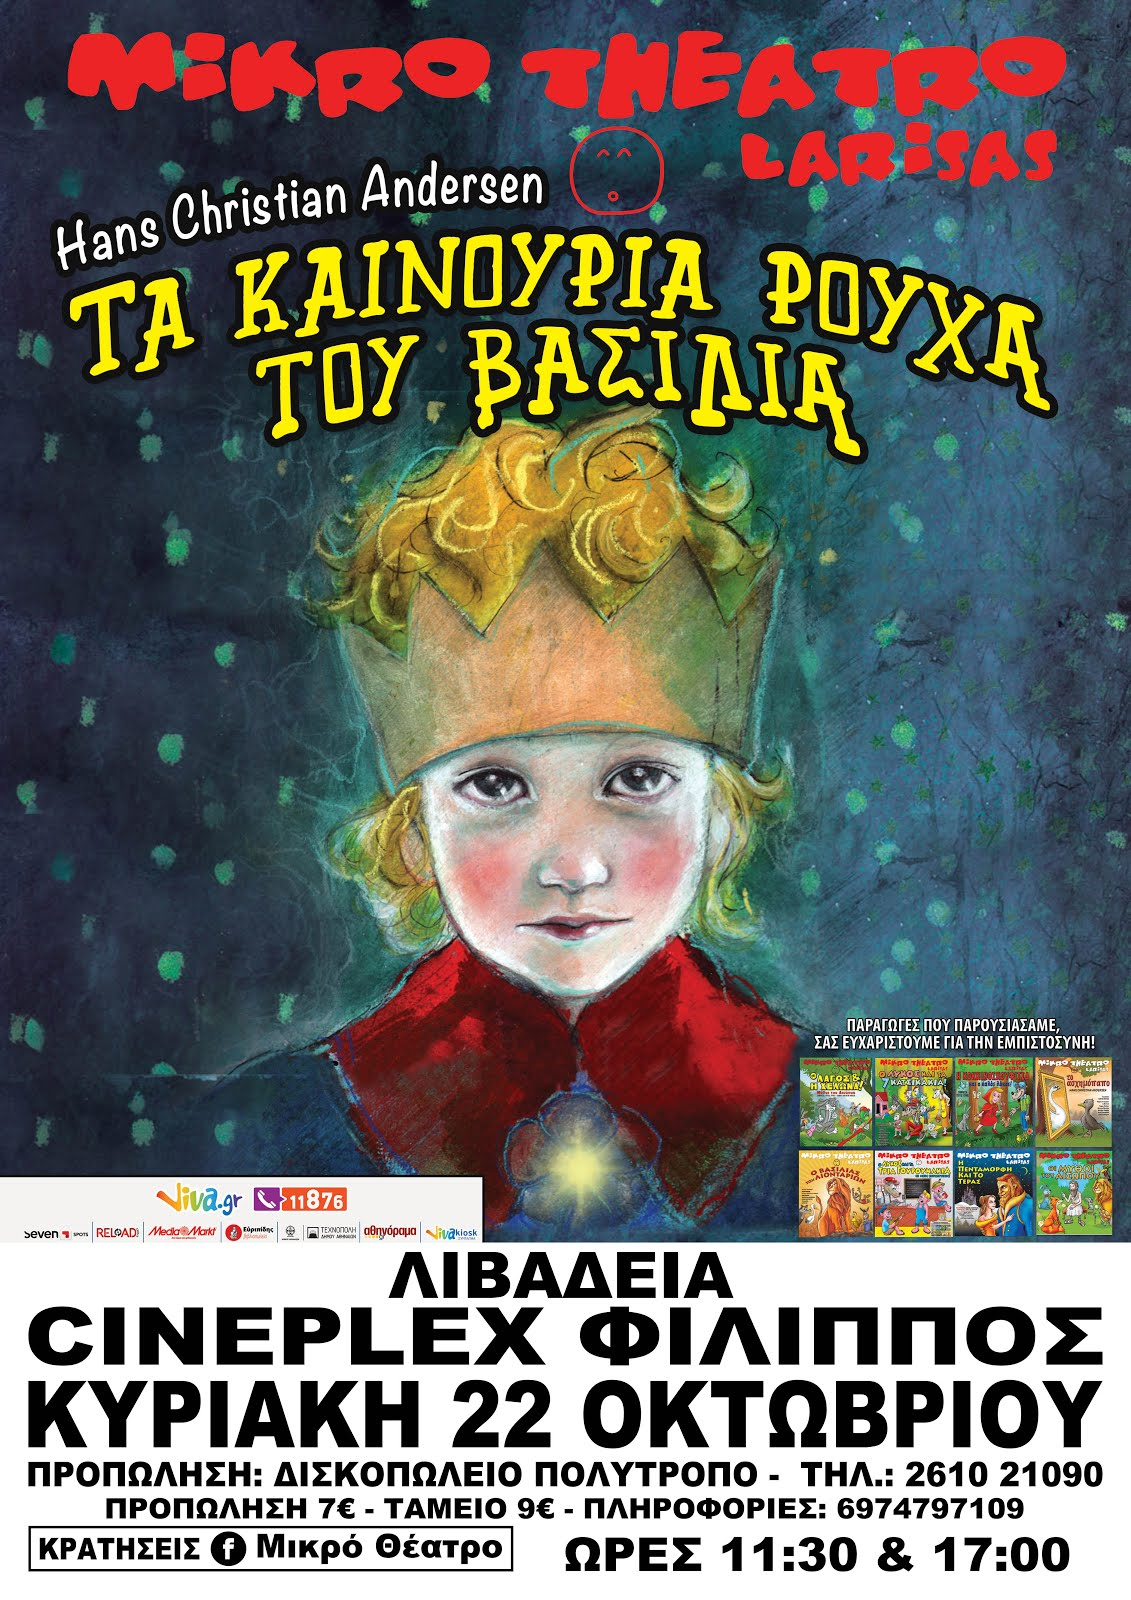 Παιδικό θέατρο στην Λιβαδειά